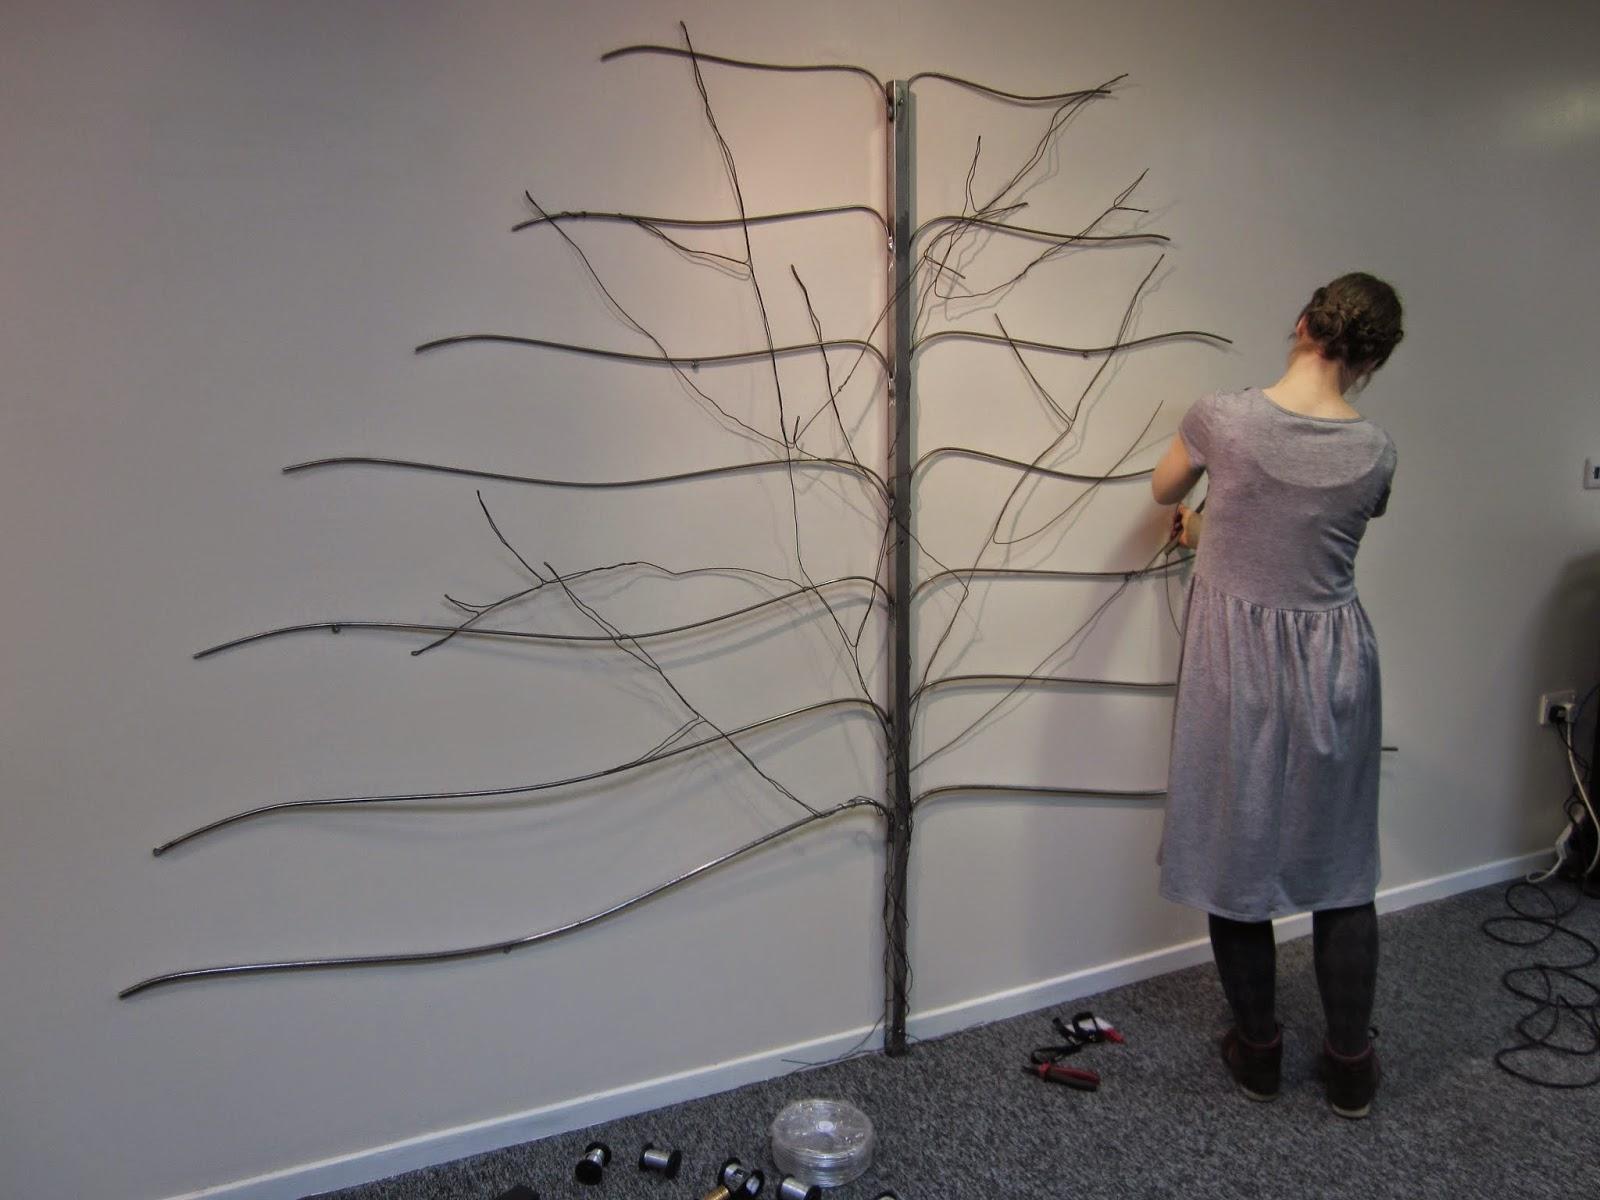 Wire tree sculpture | Gomersal Primary School Art